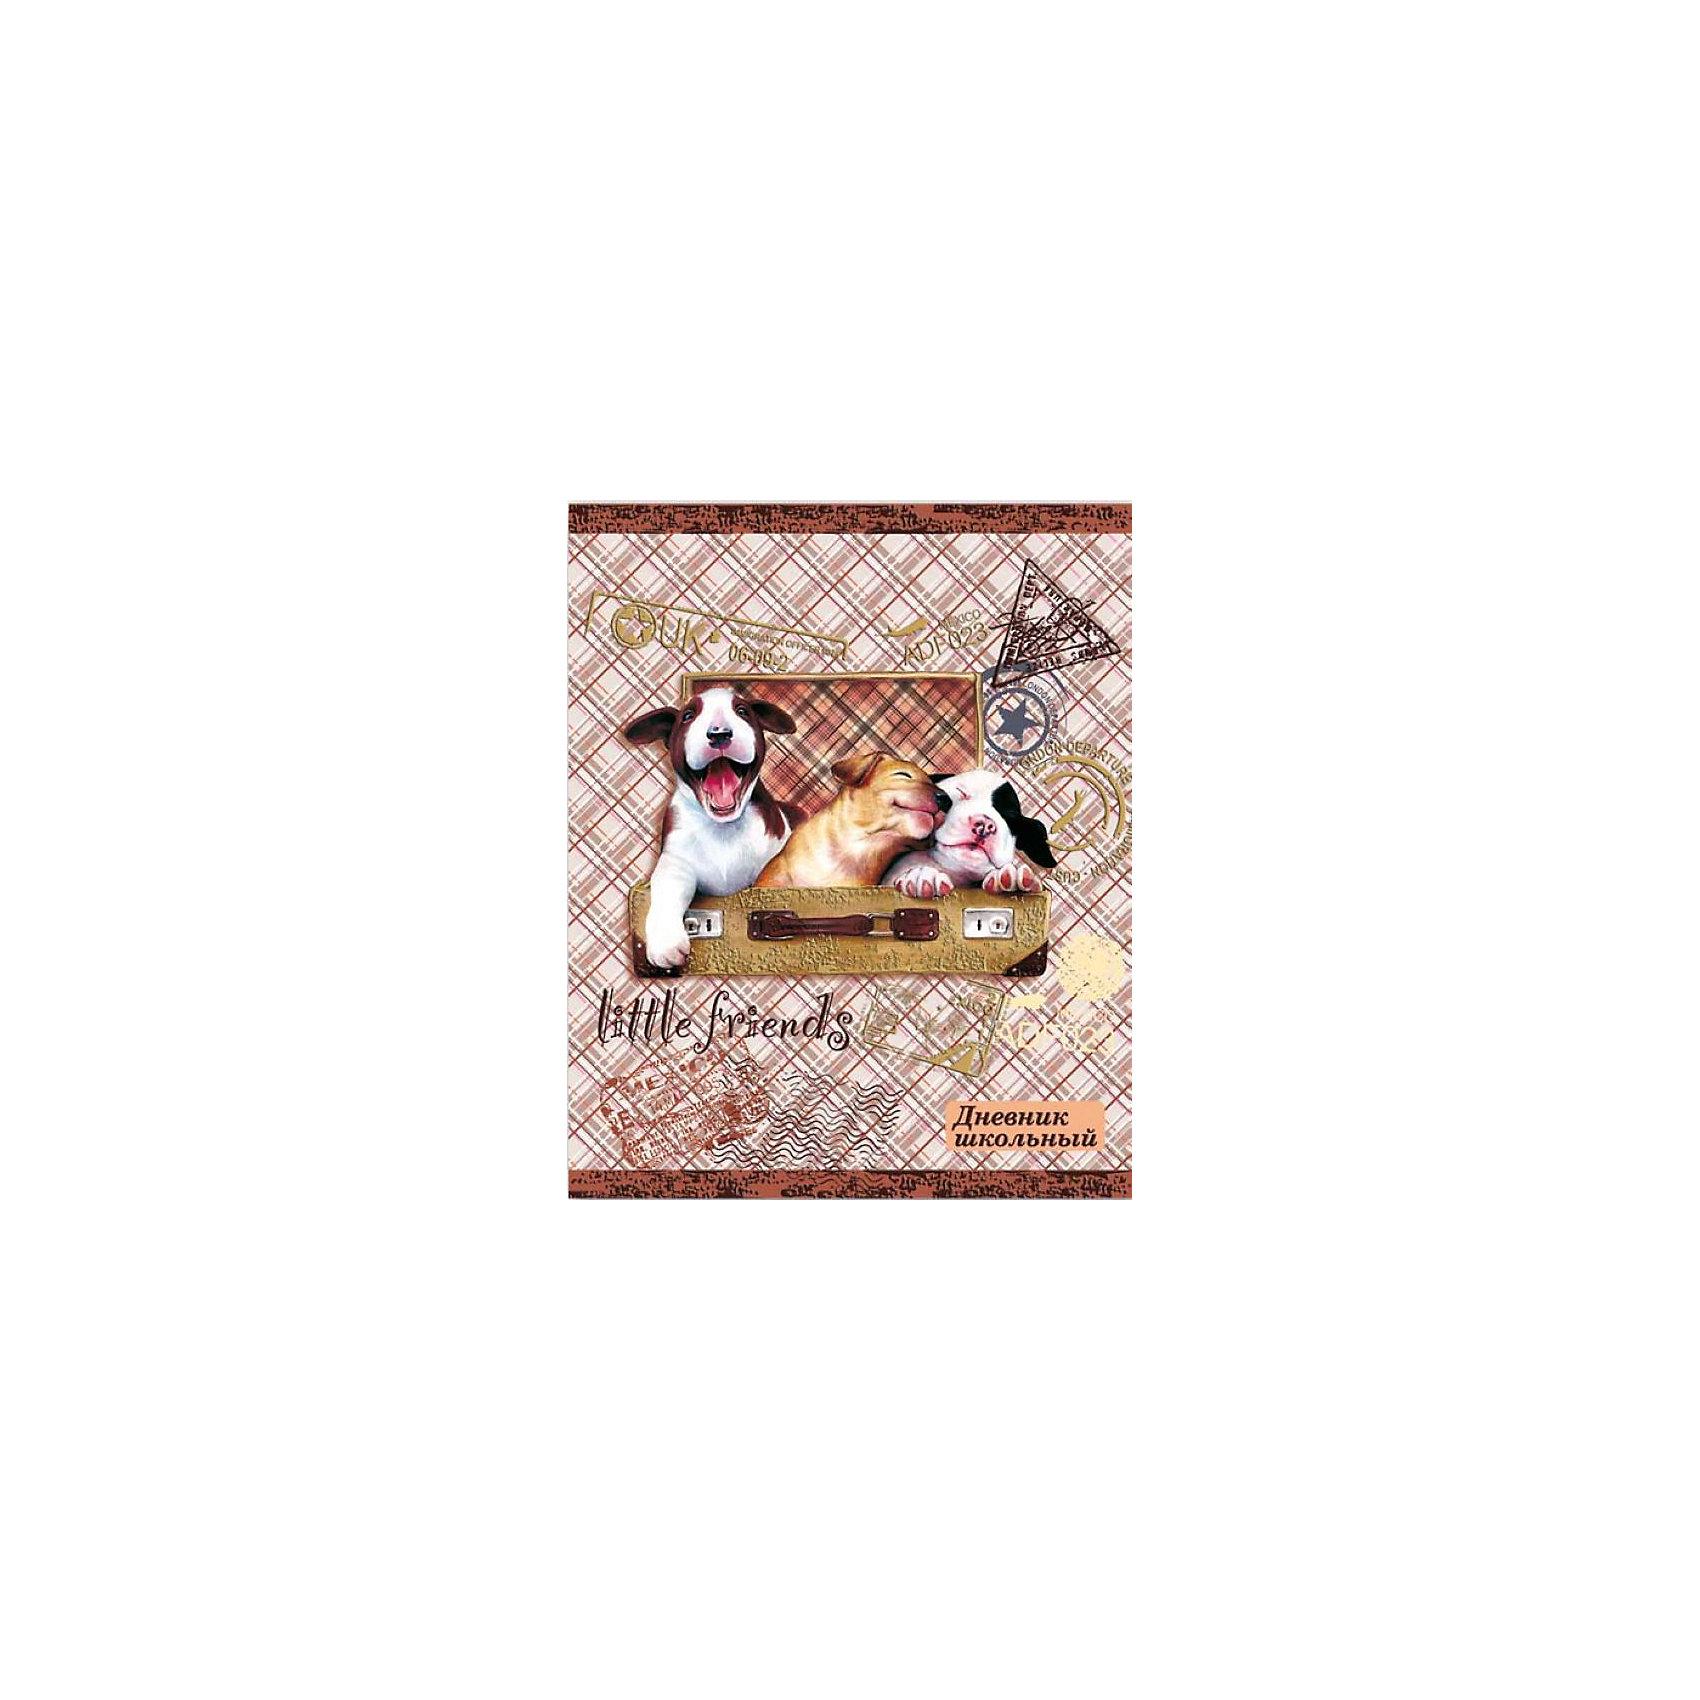 Дневник школьный Щенки в чемодане Феникс+Бумажная продукция<br>Дневник шк. ЩЕНКИ В ЧЕМОДАНЕ (7БЦ с печатью по ткани, тисн. шоколадной фольгой, 96 стр. Цв. запечатка форзаца)<br><br>Ширина мм: 210<br>Глубина мм: 170<br>Высота мм: 10<br>Вес г: 220<br>Возраст от месяцев: 72<br>Возраст до месяцев: 2147483647<br>Пол: Унисекс<br>Возраст: Детский<br>SKU: 7046172